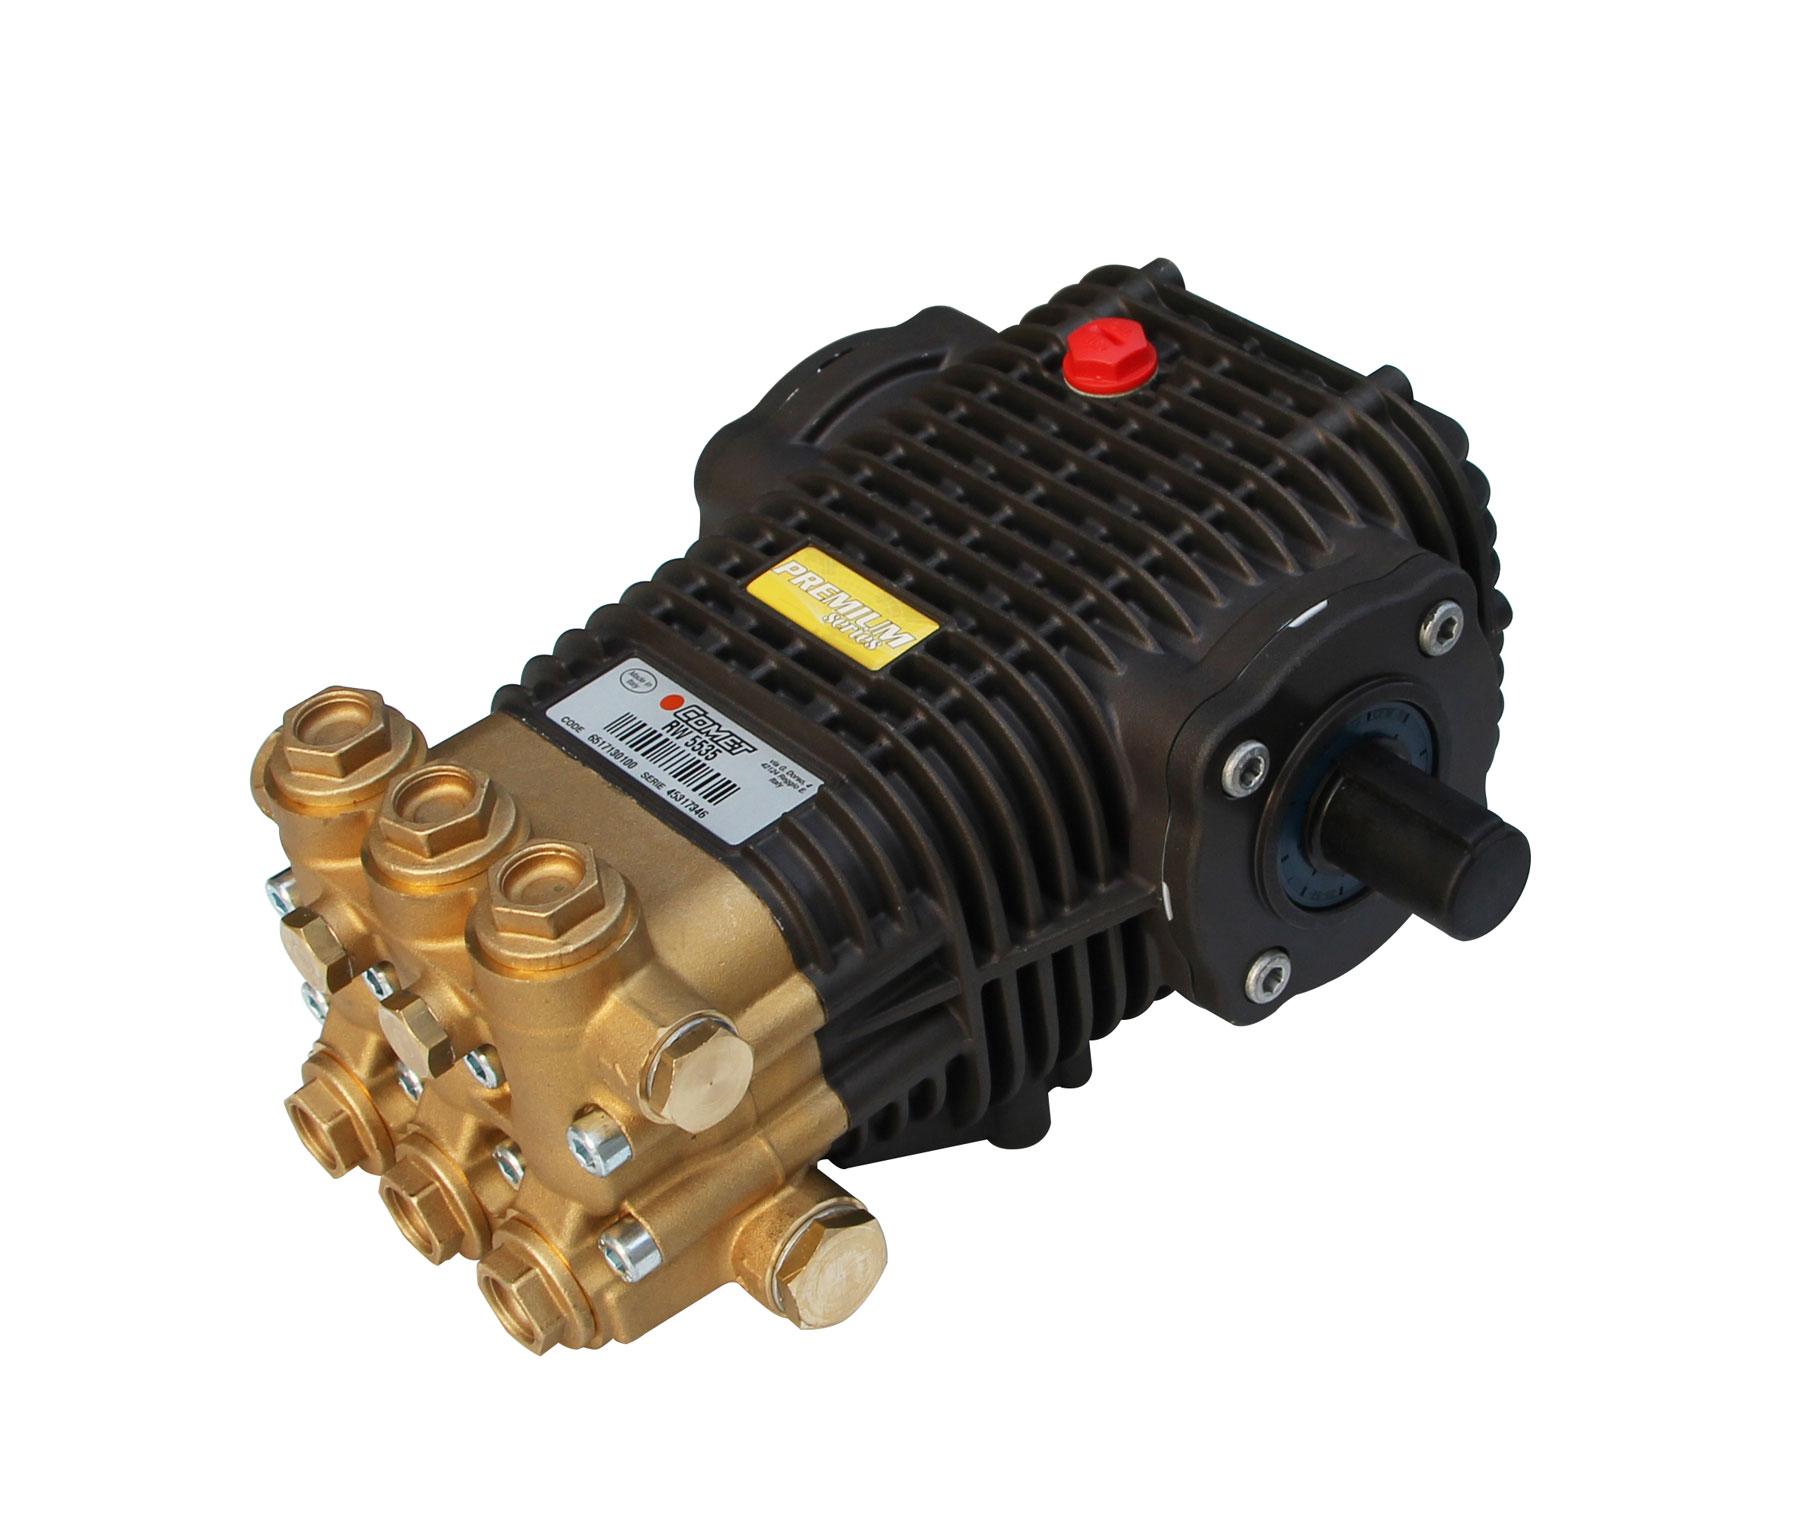 大量供应优良的高压泵 设计新颖的高压泵